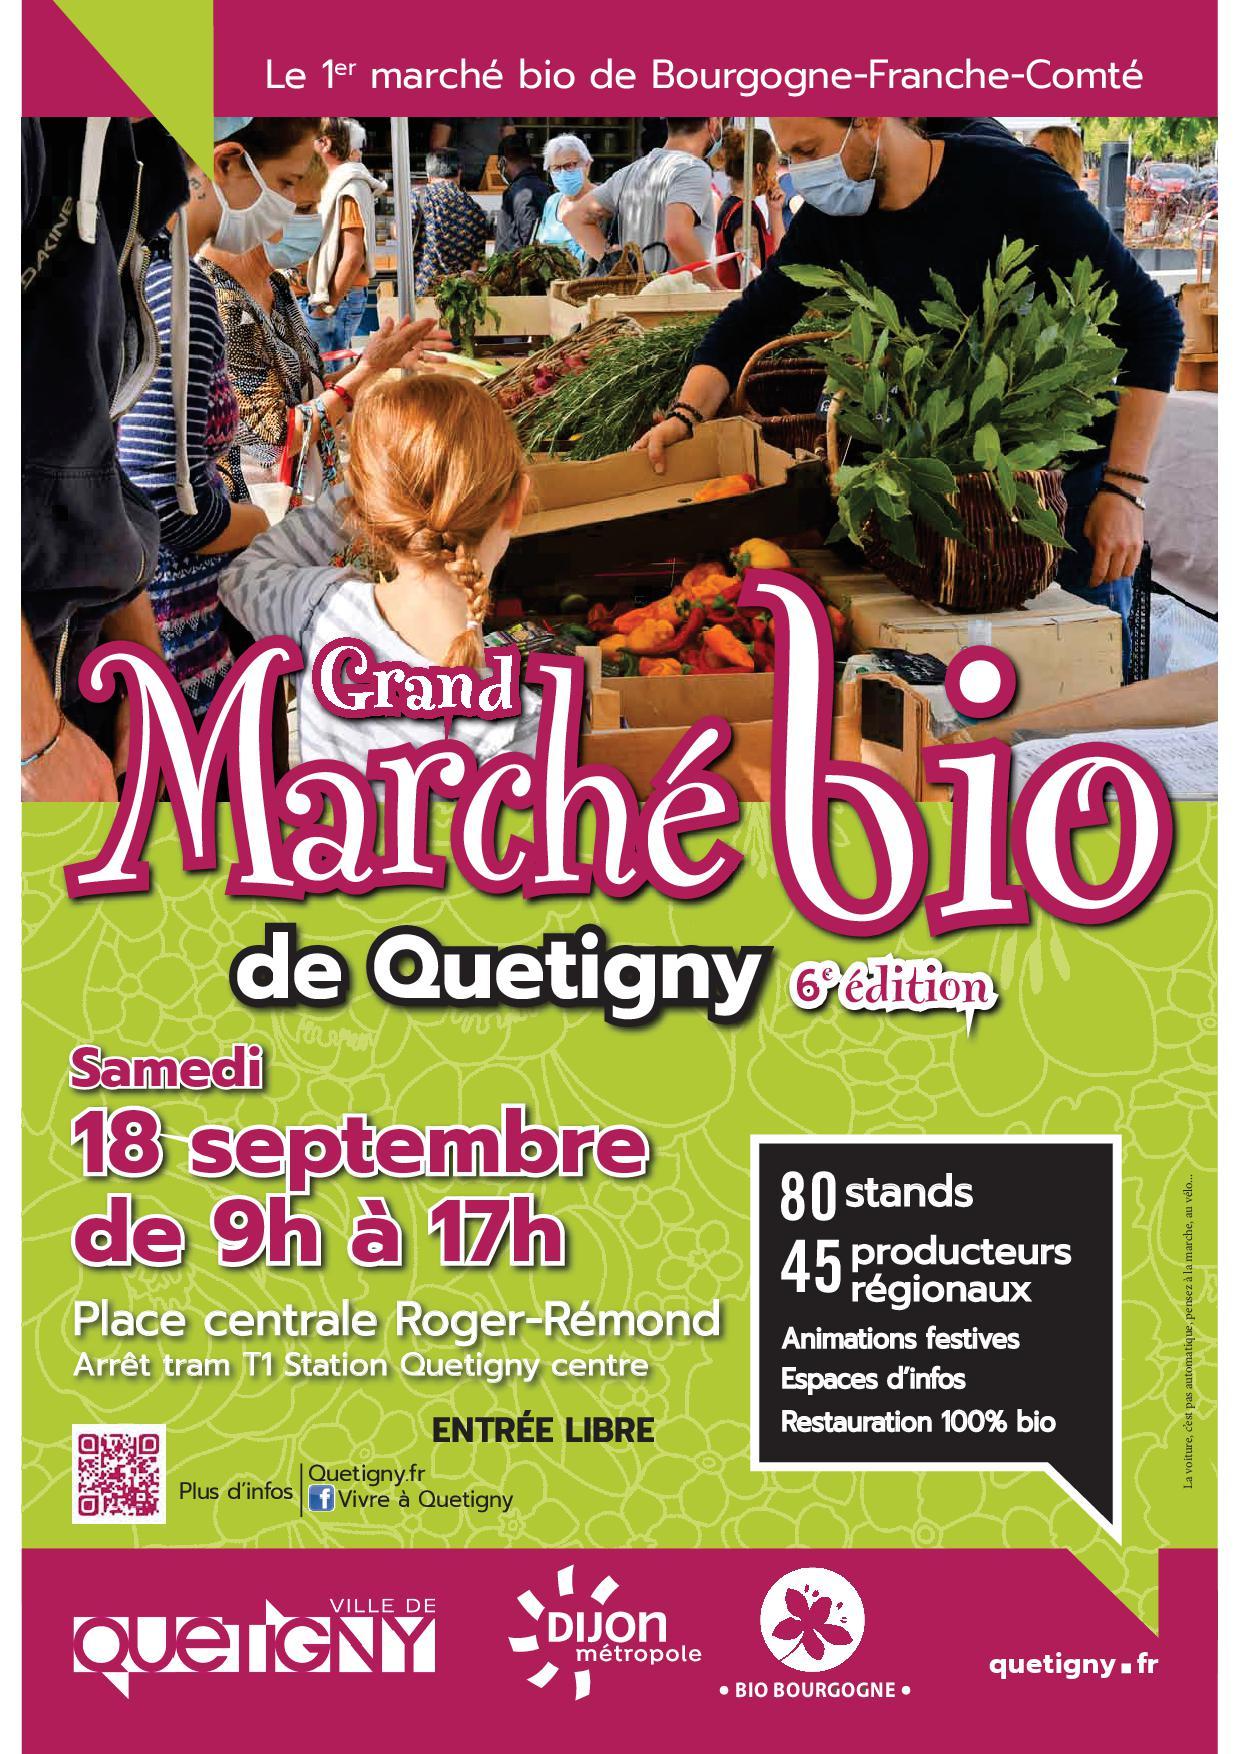 6ème Grand Marché Bio de Quetigny